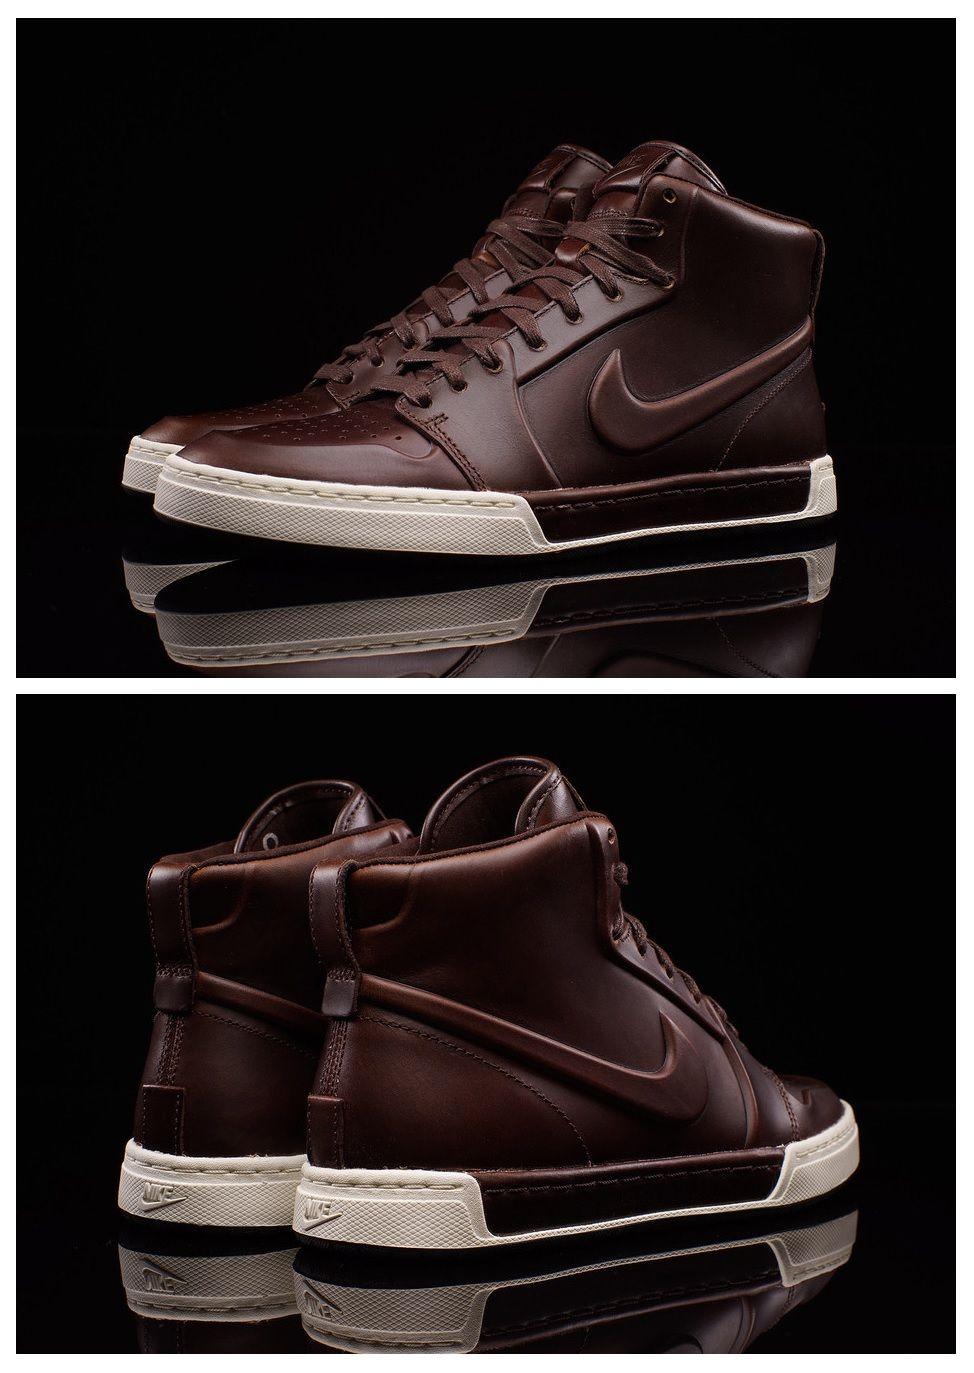 Gama de seré fuerte tanque  Nike Air Royal Mid VT: Brown | Zapatos sport hombre, Zapatos hombre moda,  Zapatillas hombre moda